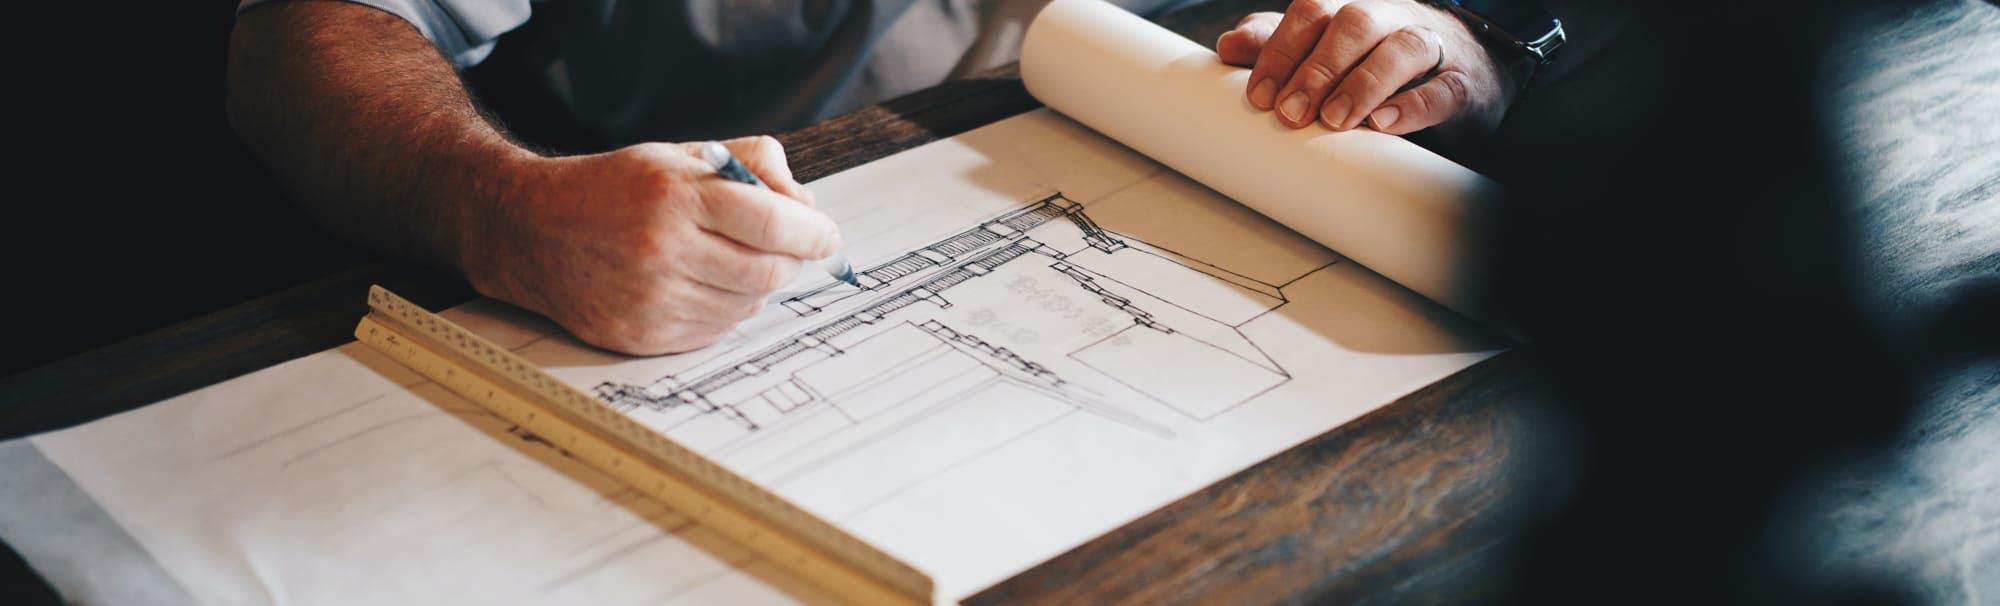 manos dibujando un edificio